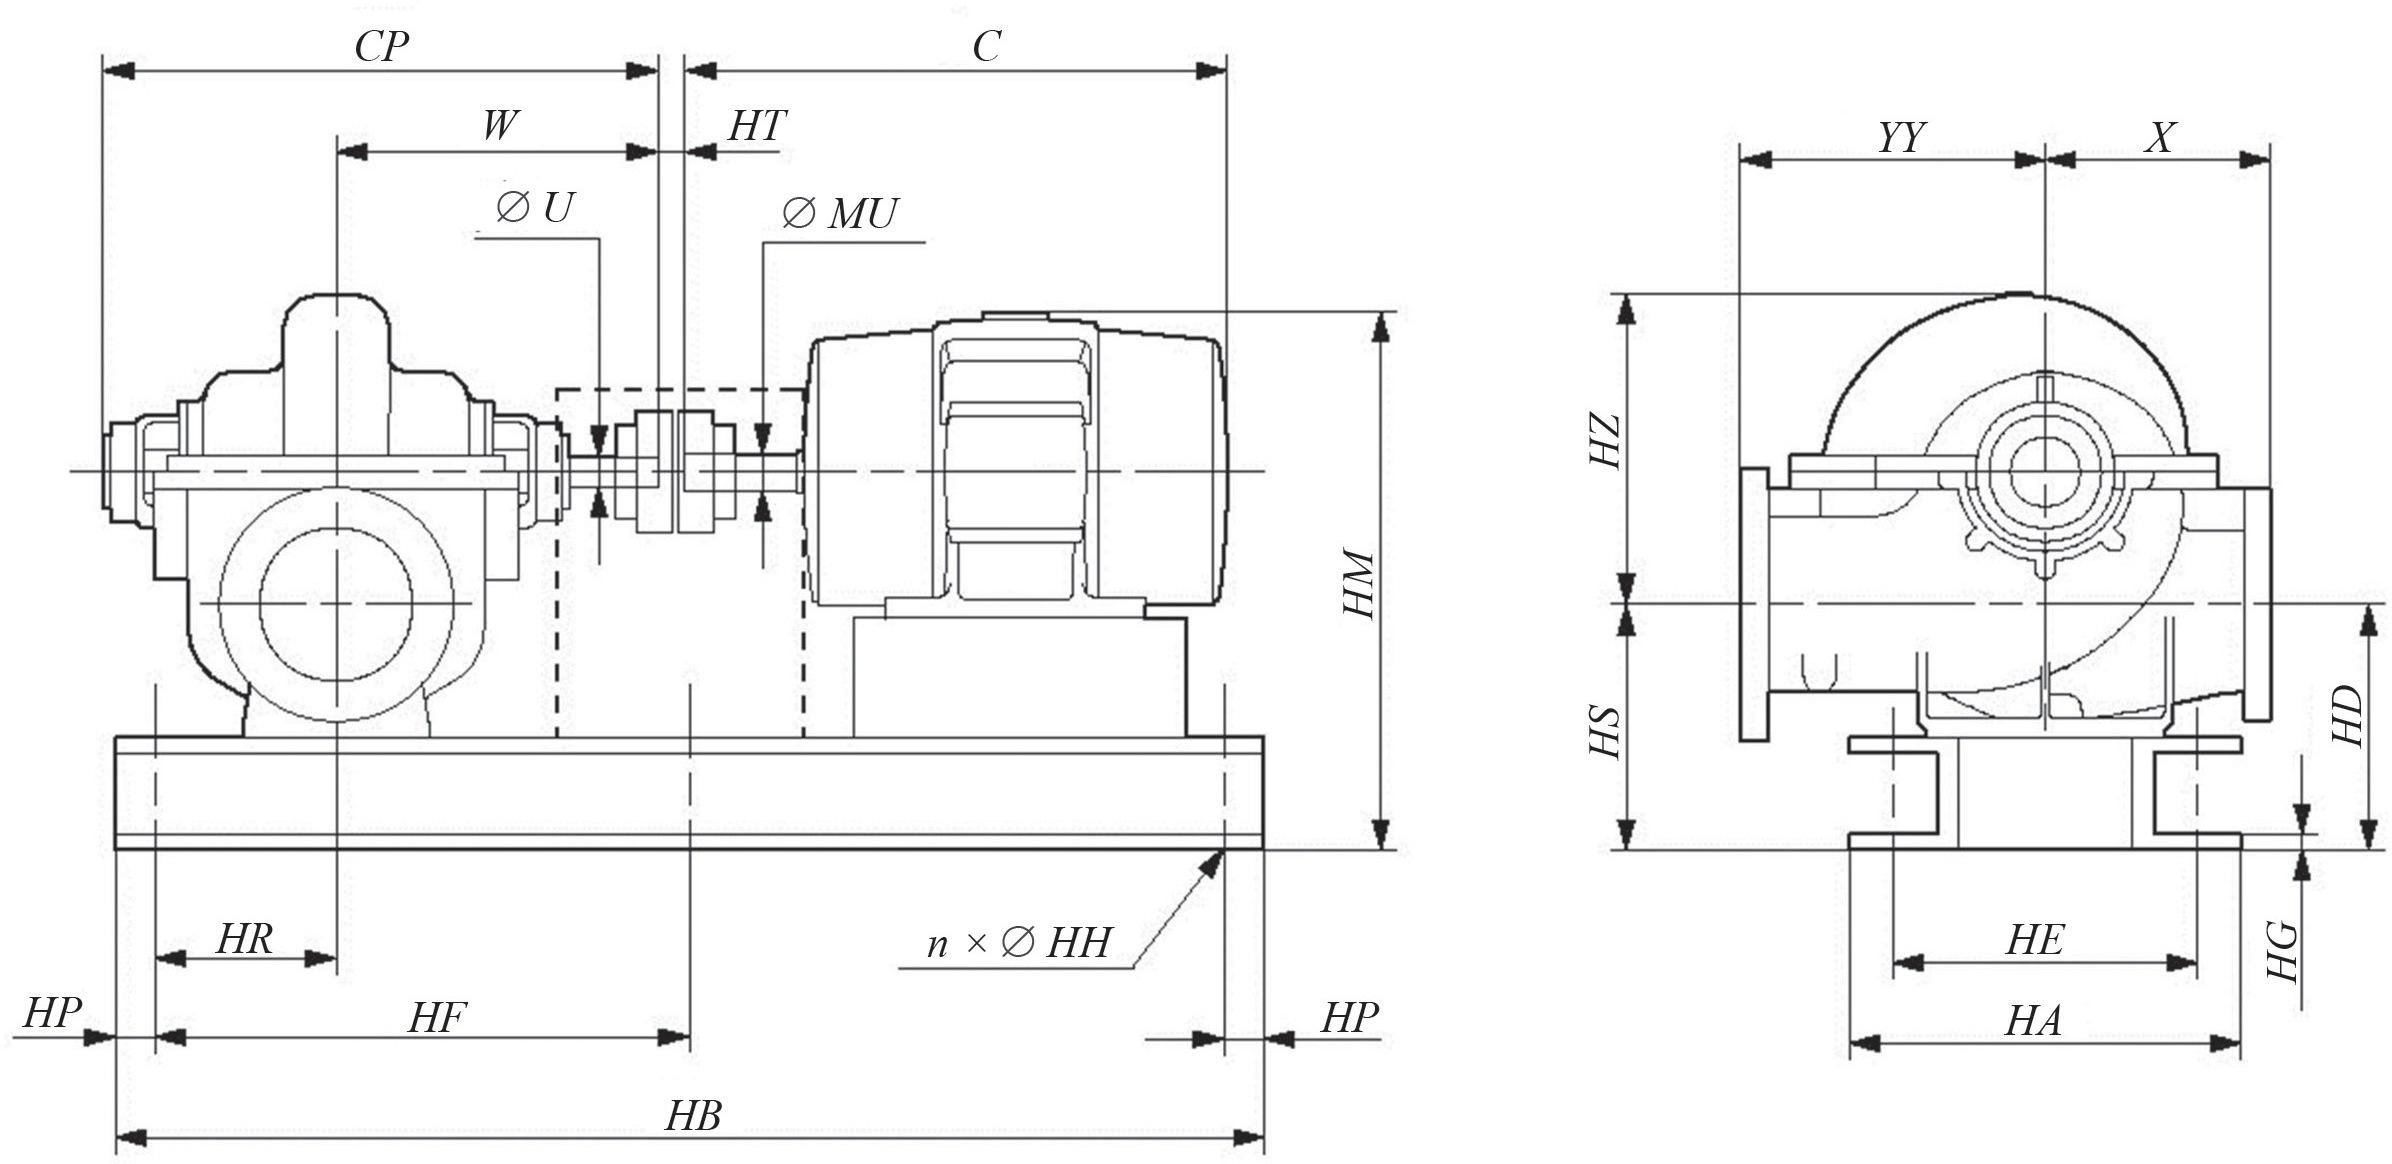 Пример данных для проектирования насосных станций